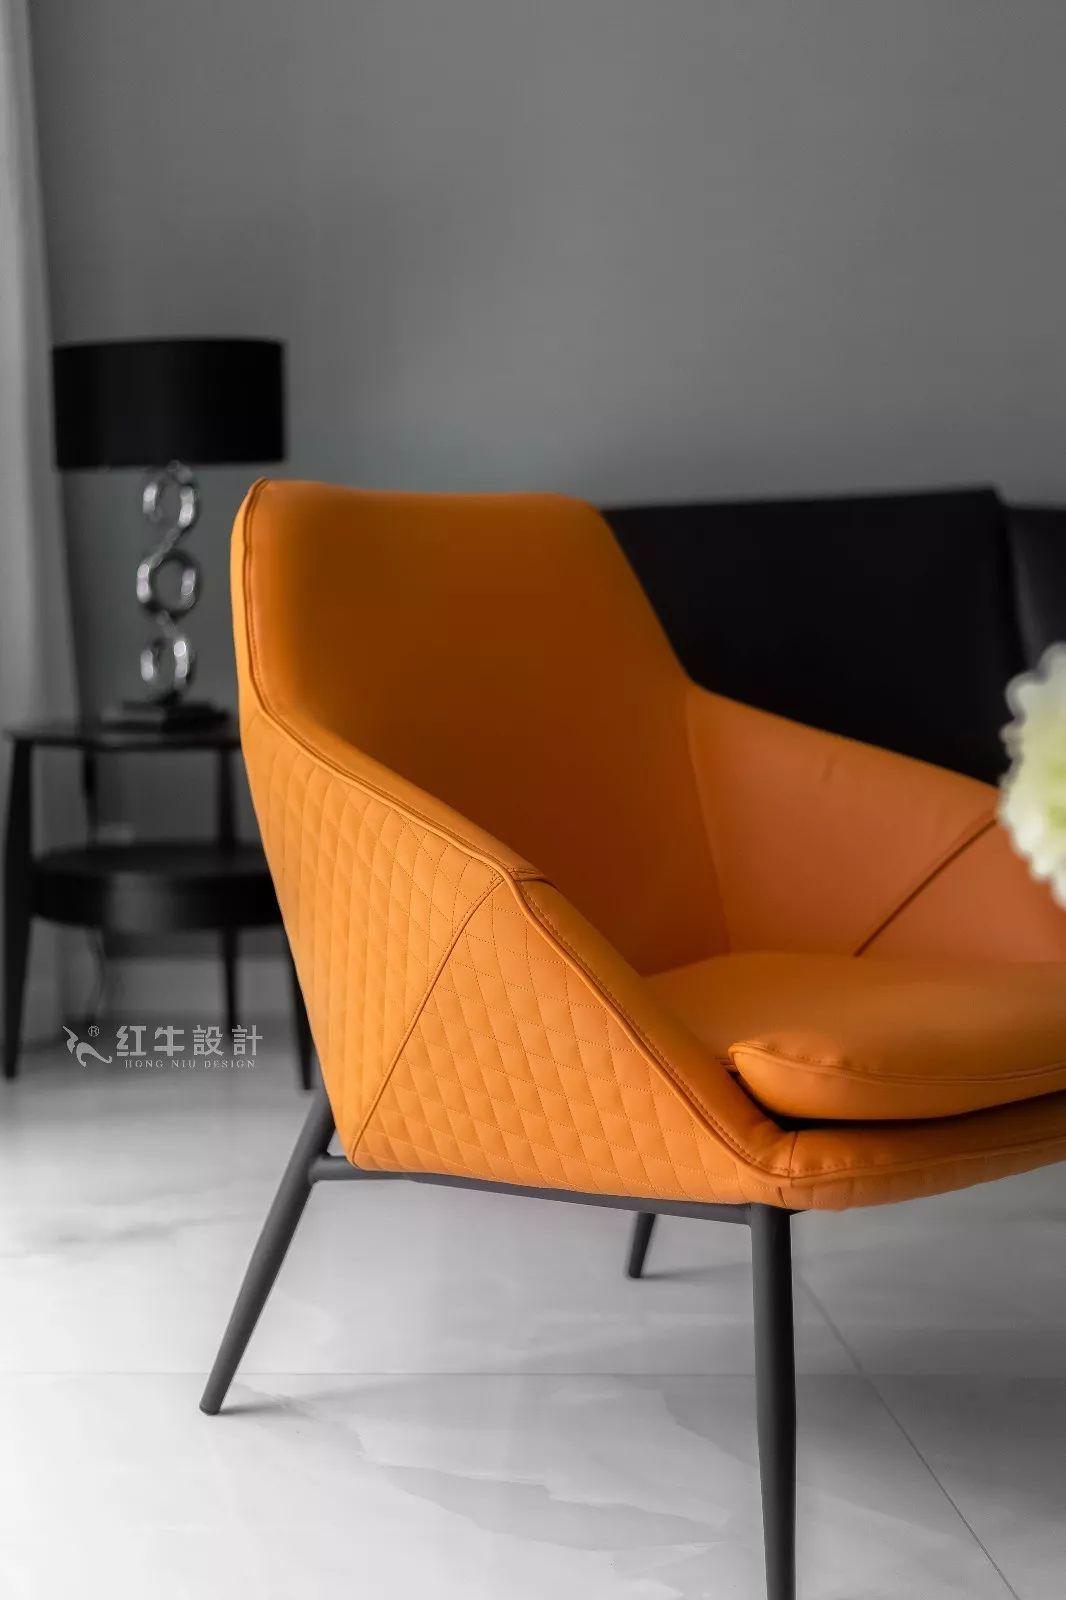 南京雅居乐145㎡现代简约--演绎当代生活美学04客厅设计03小饰品